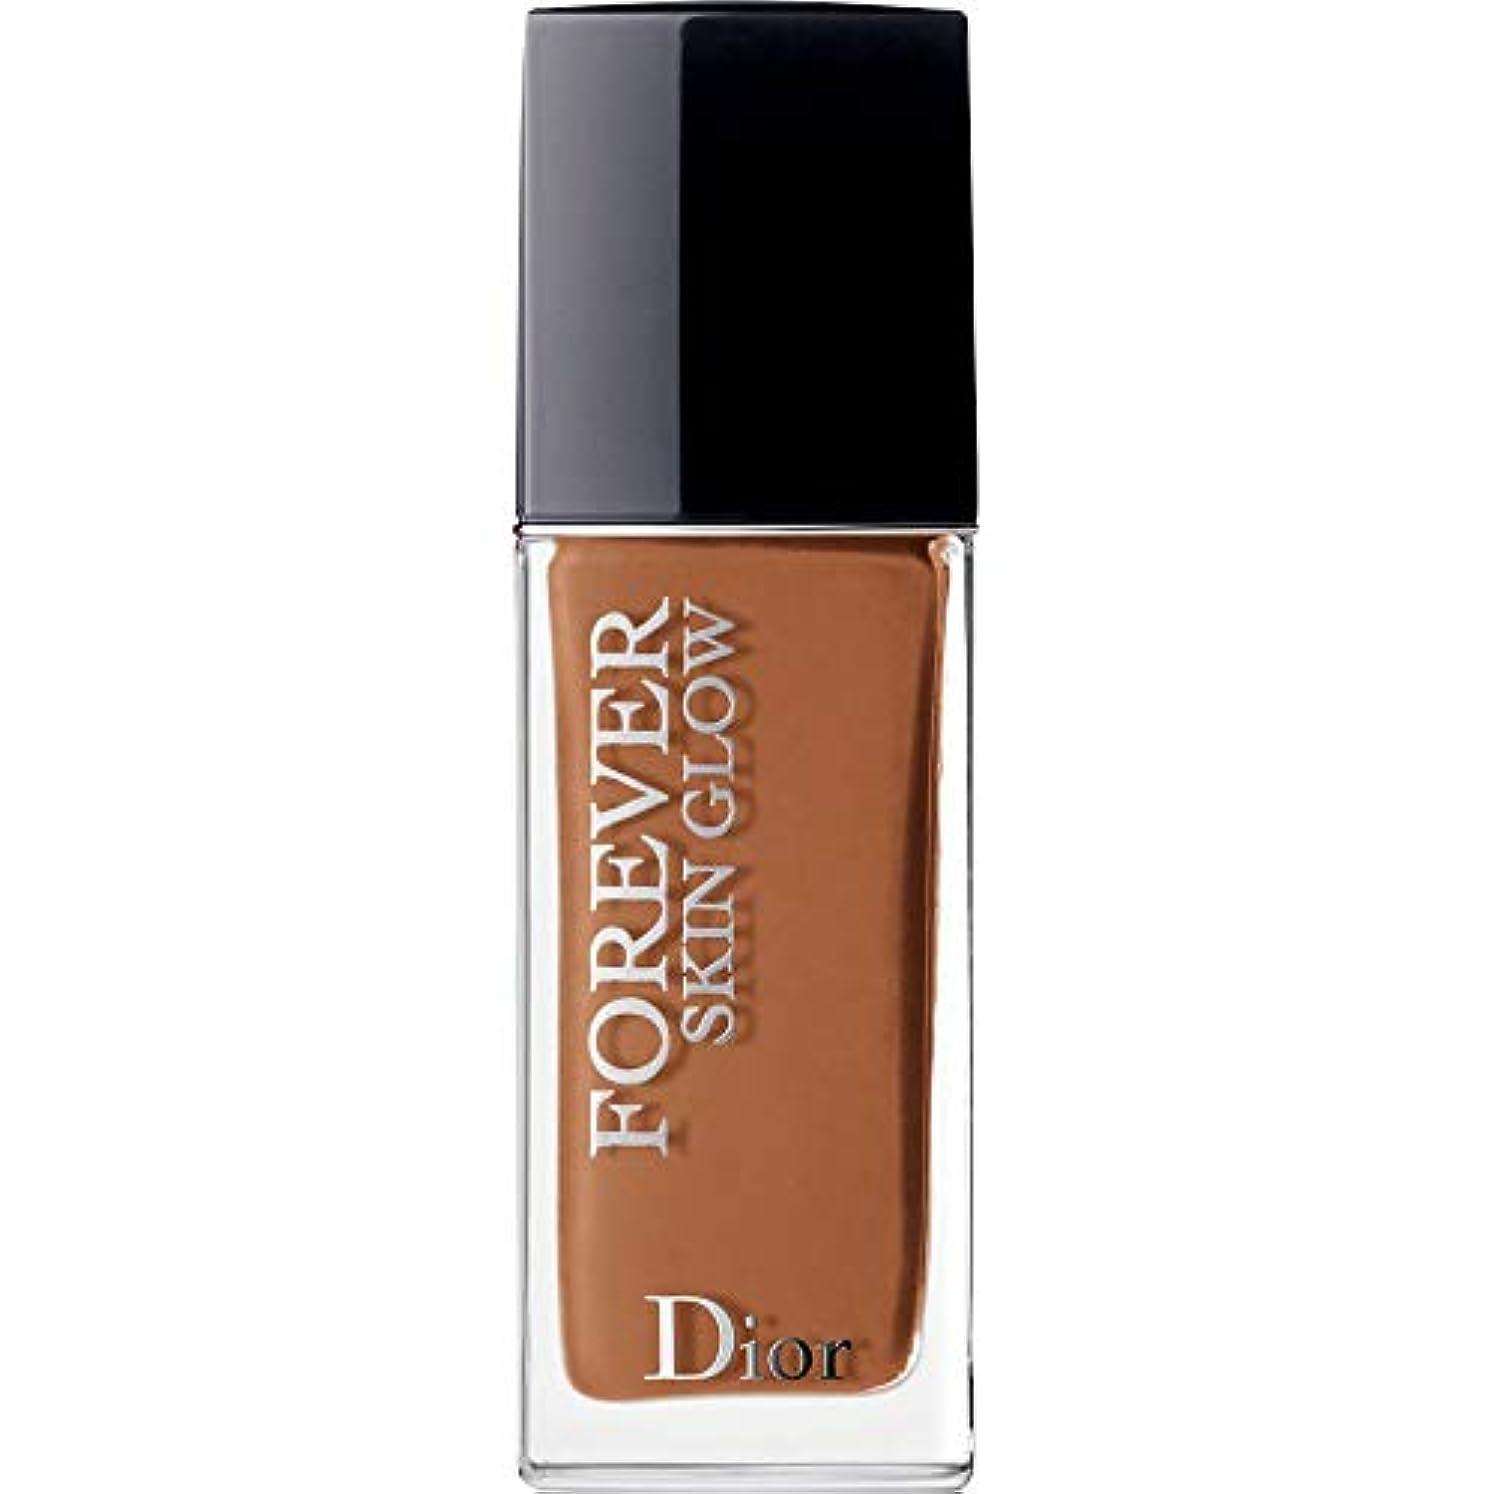 レッスン求めるお父さん[Dior ] ディオール永遠に皮膚グロー皮膚思いやりの基礎Spf35 30ミリリットルの6N - ニュートラル(肌の輝き) - DIOR Forever Skin Glow Skin-Caring Foundation...